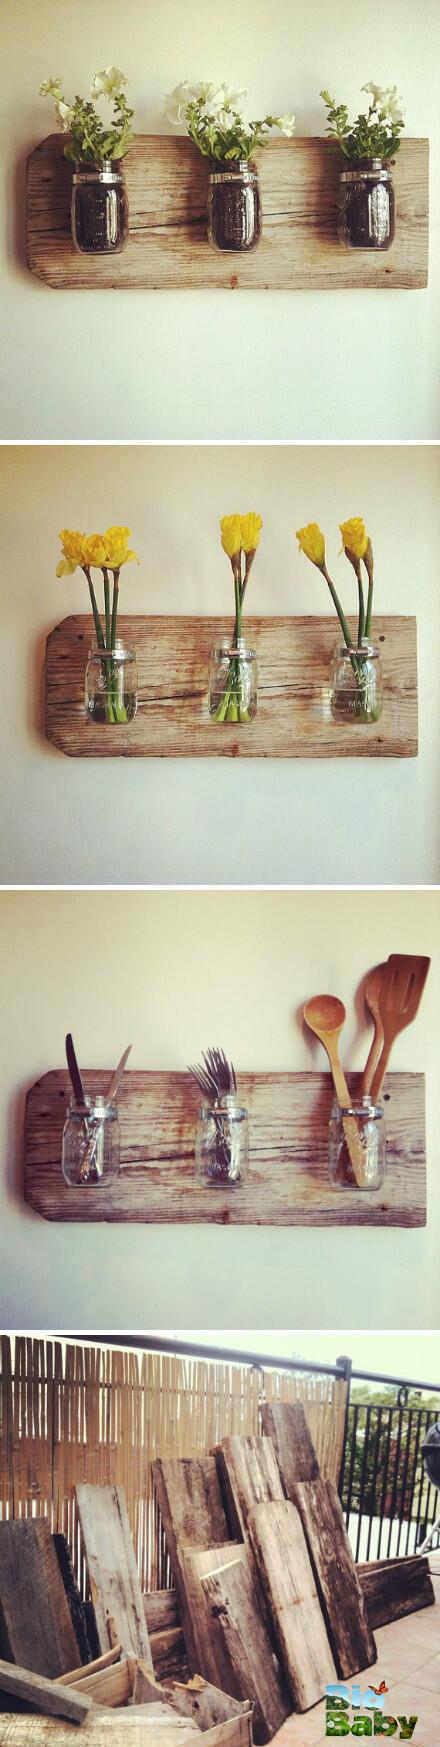 Fija frascos de vidrio usados sobre tablones de madera vieja y úsalos para decorar.